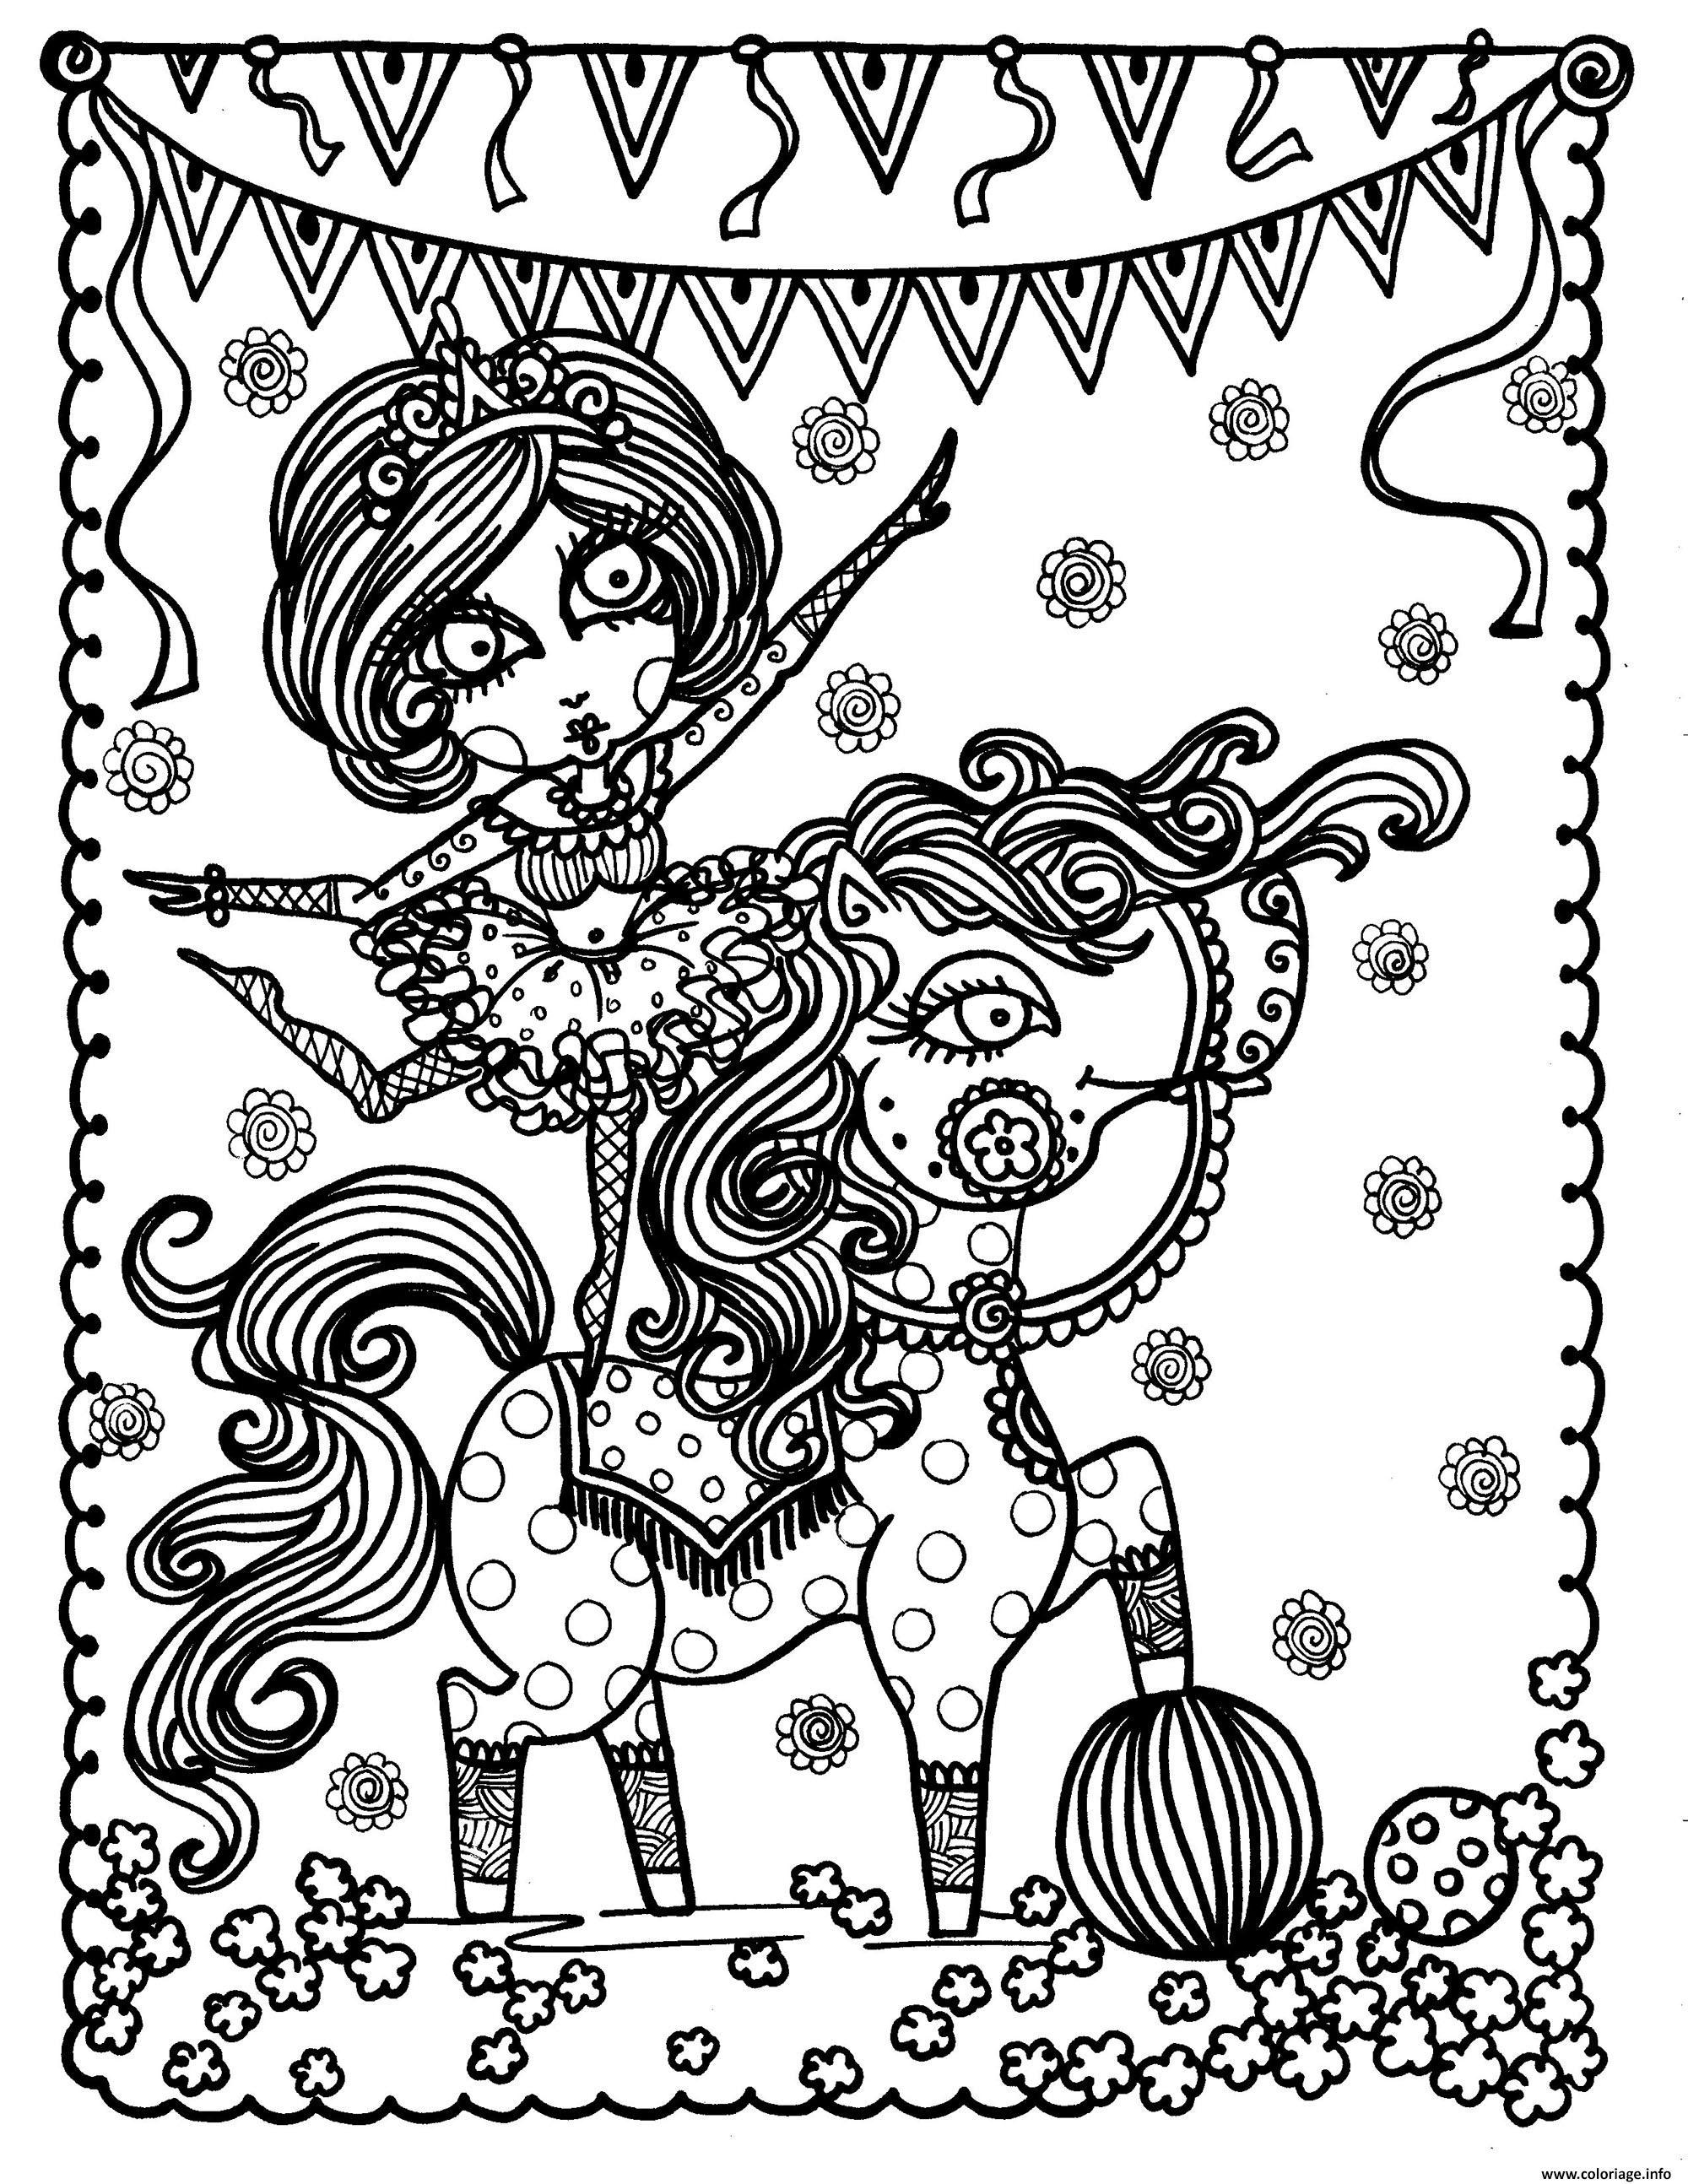 Dessin à Colorier Playmobil Inspirant Collection Beau Dessin A Imprimer Gratuit De Chevaux – Mademoiselleosaki